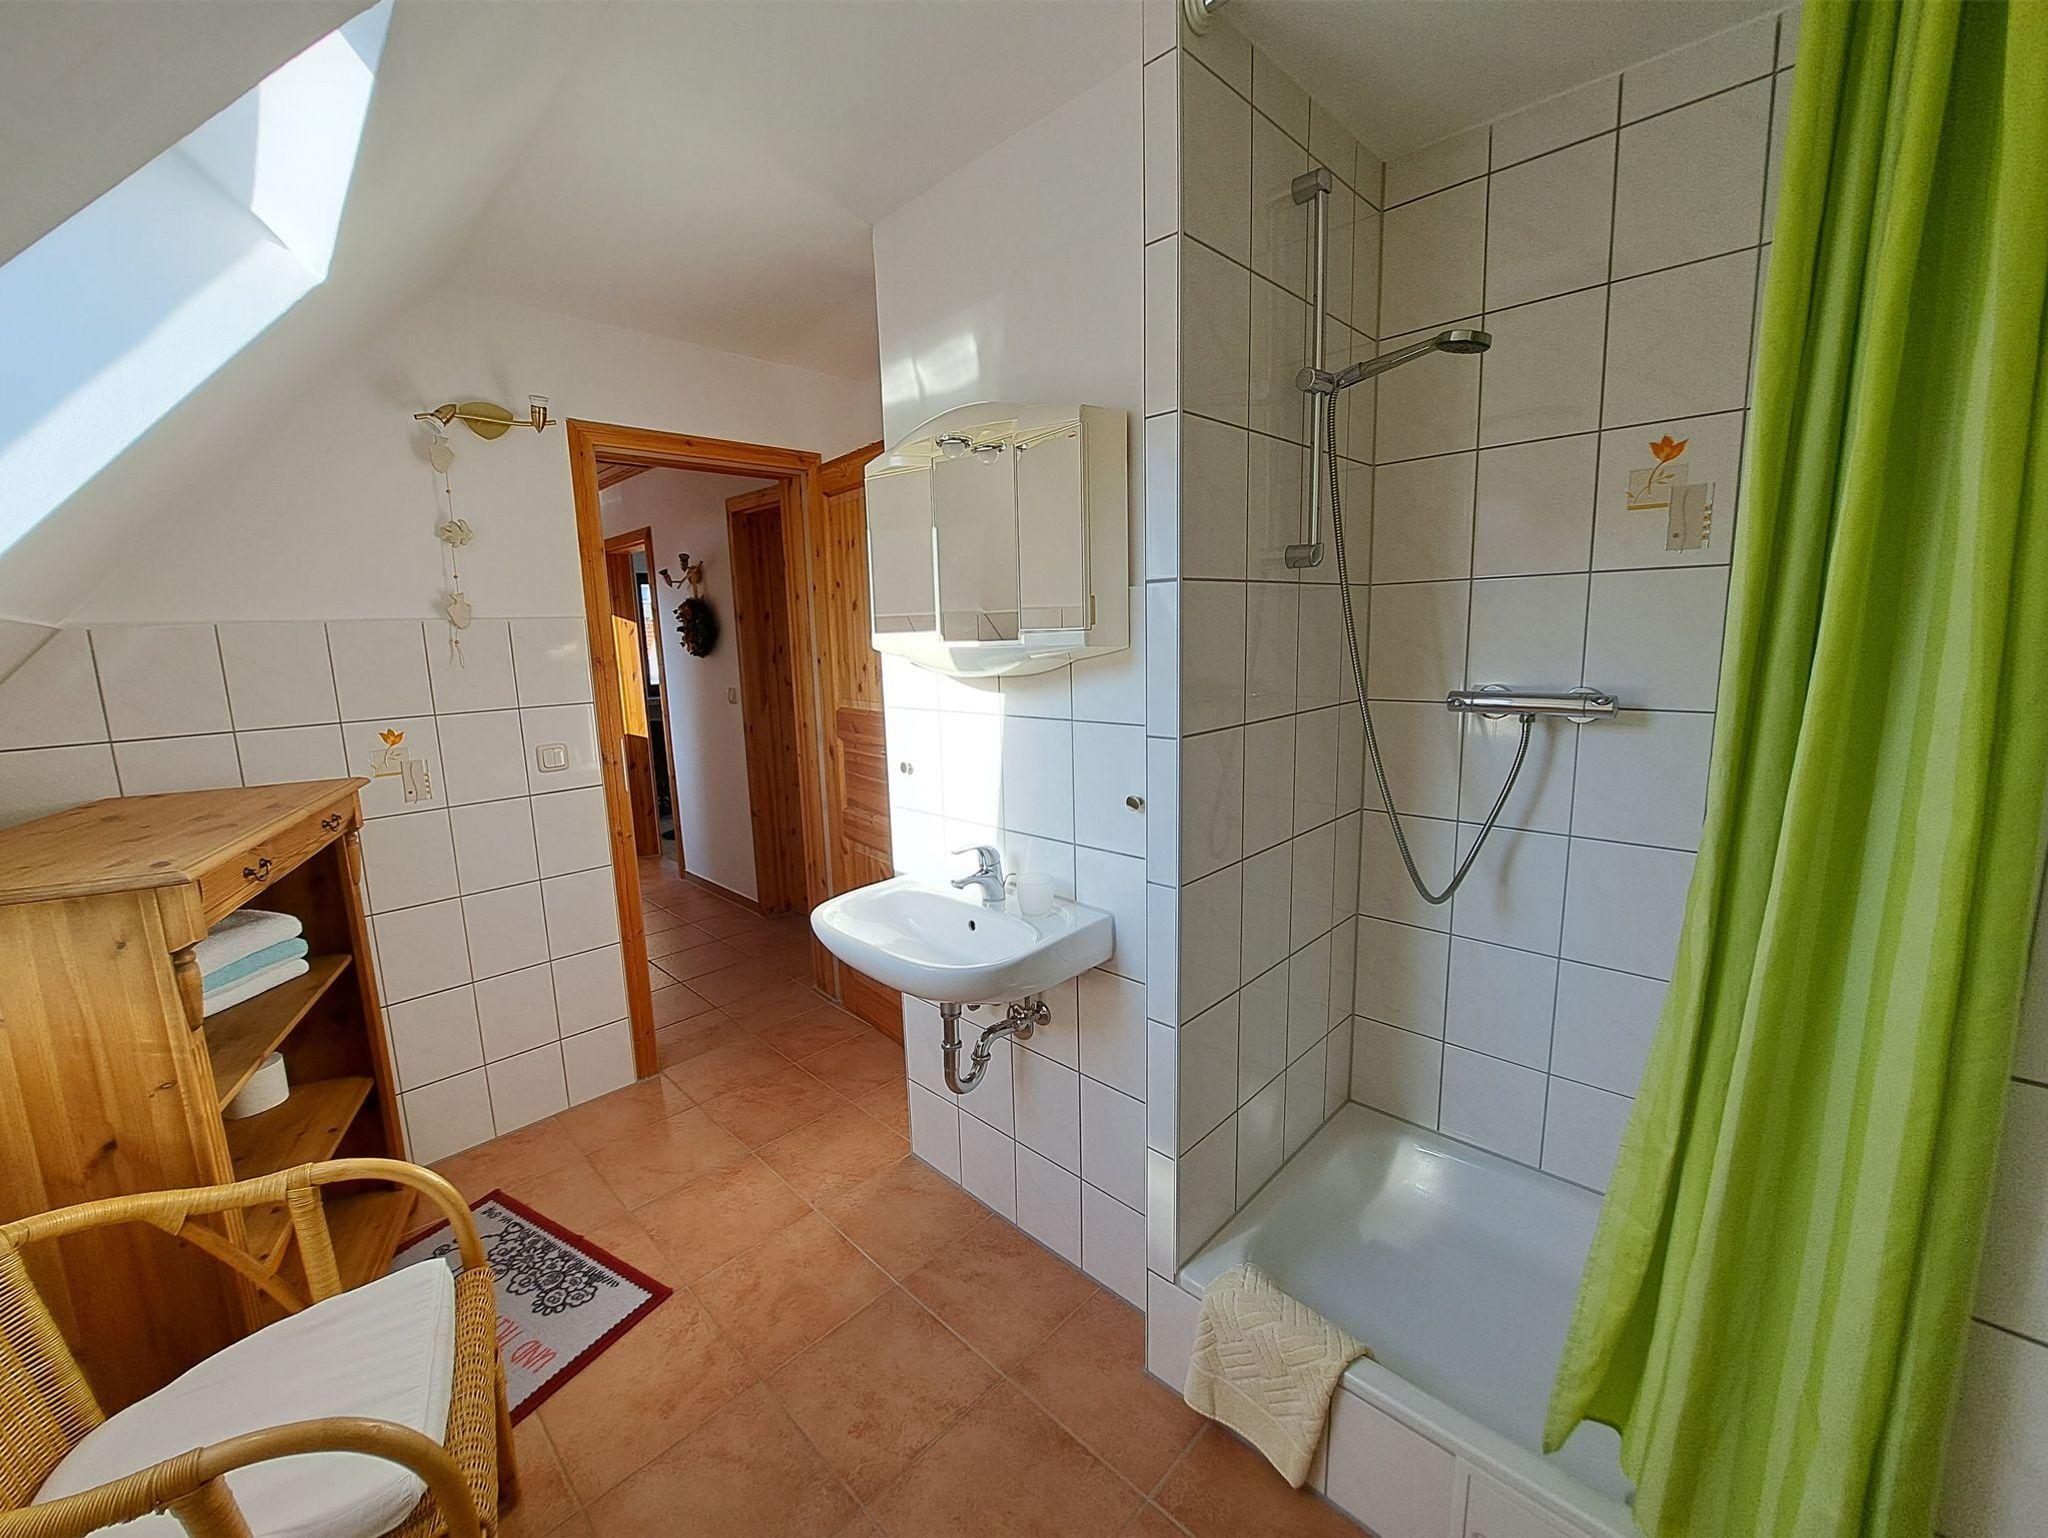 Ferienwohnungen Plau am See SEE 6081-3, SEE 6082 -